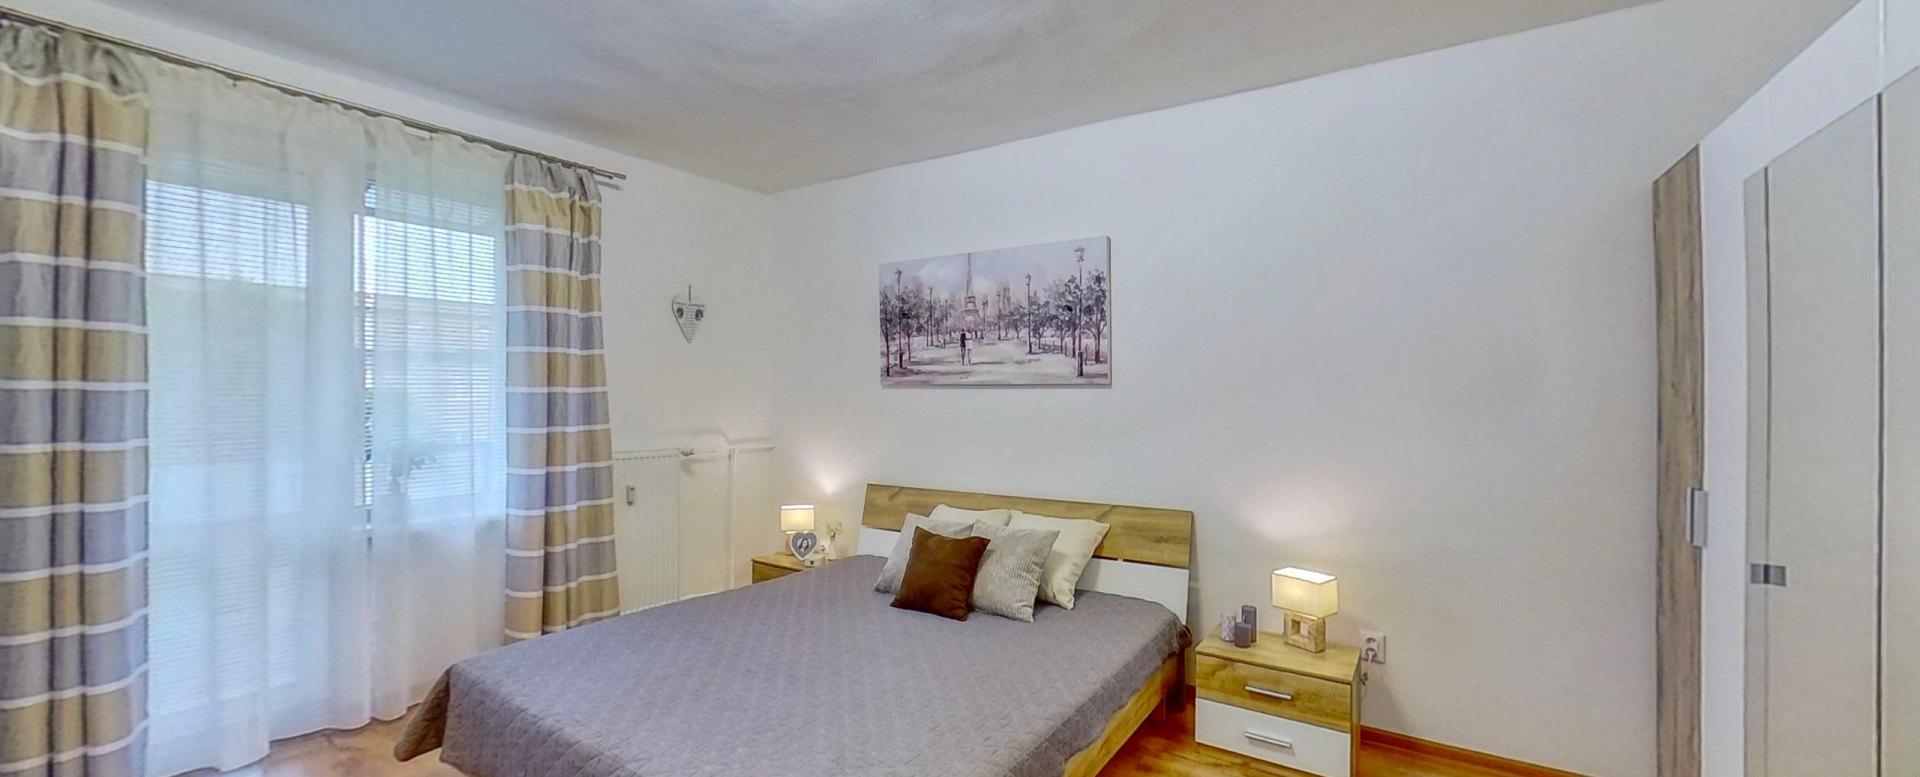 Spálňa s balkónom